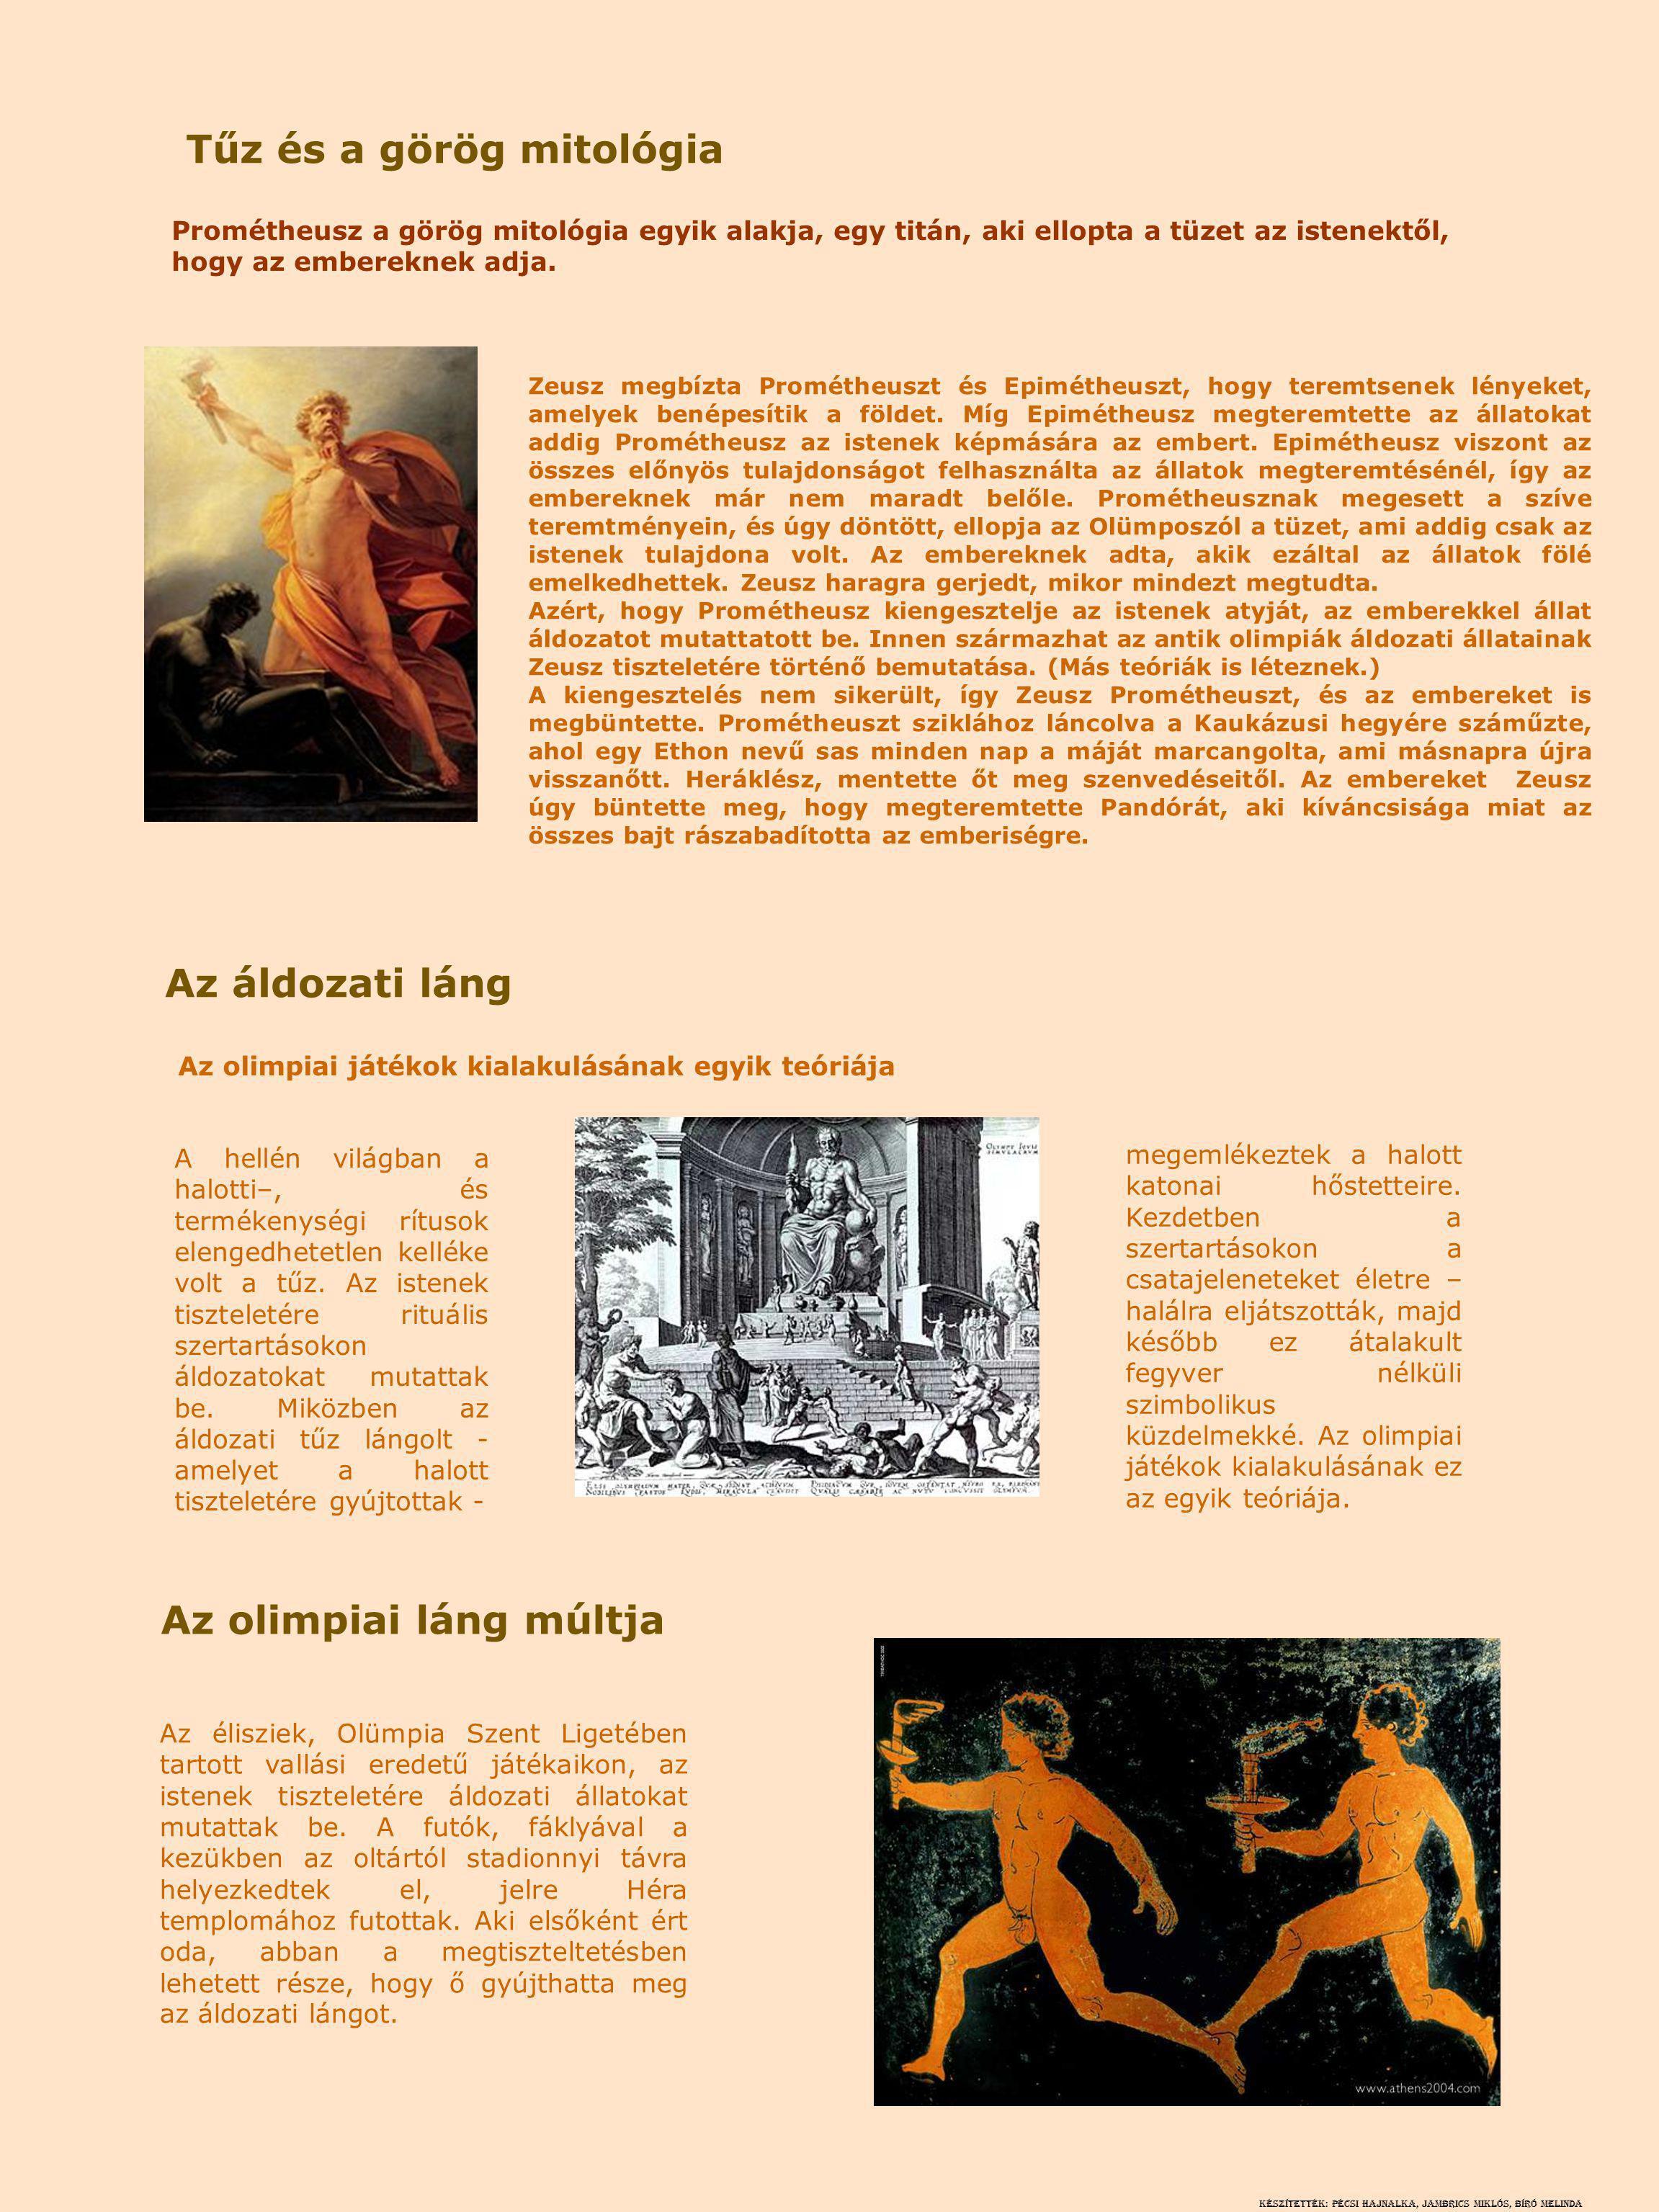 Tudtad, hogy… … az olimpiai lángot Paavo Nurmi, kilencszeres olimpiai bajnok gyújtotta meg.